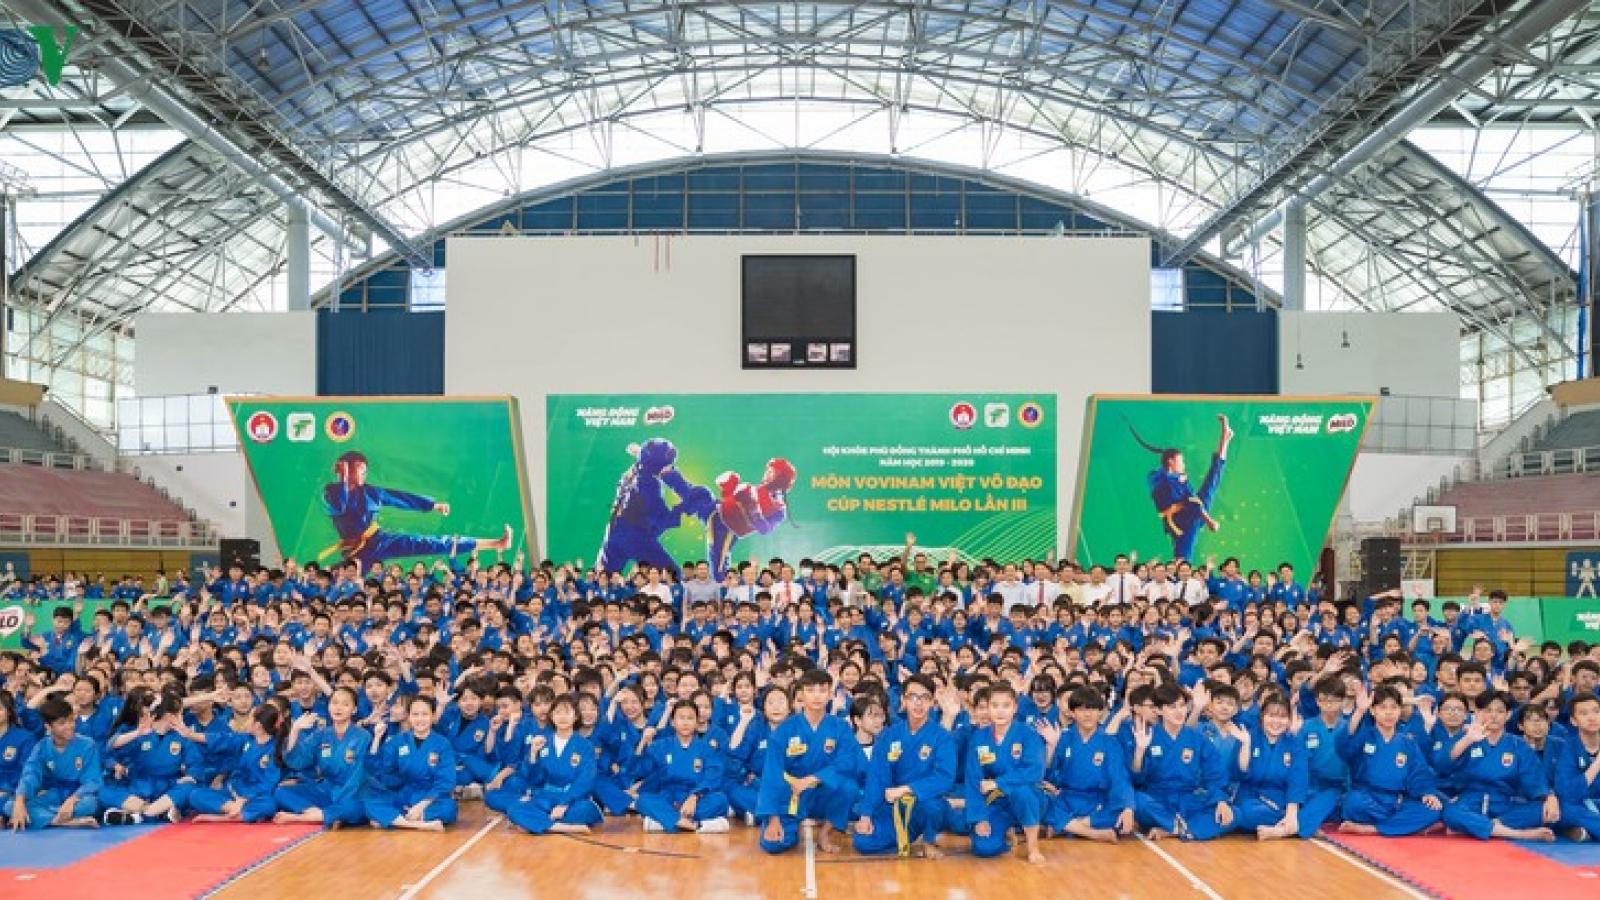 Giải thể thao học đường đầu tiên tại TPHCM trở lại sau đợt nghỉ dịch